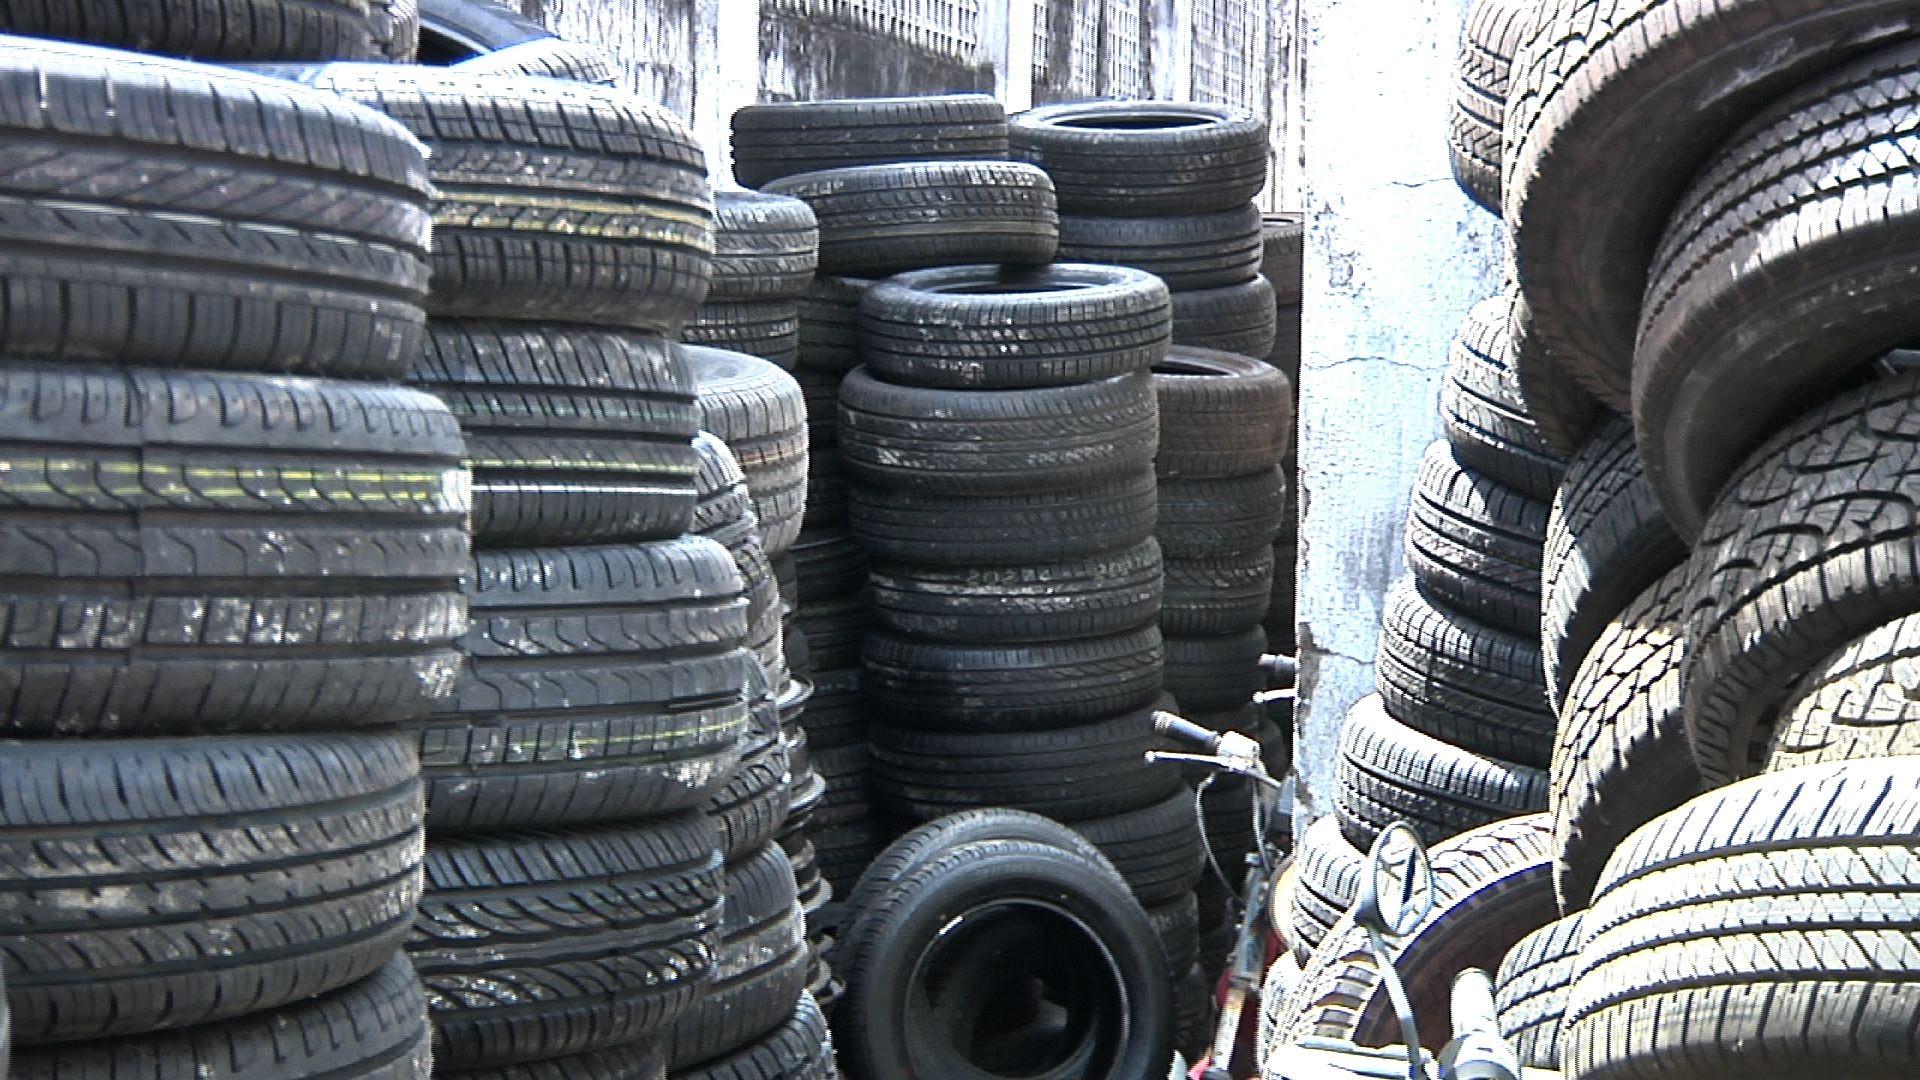 Operação apreende 600 pneus e 350 aros em Fortaleza